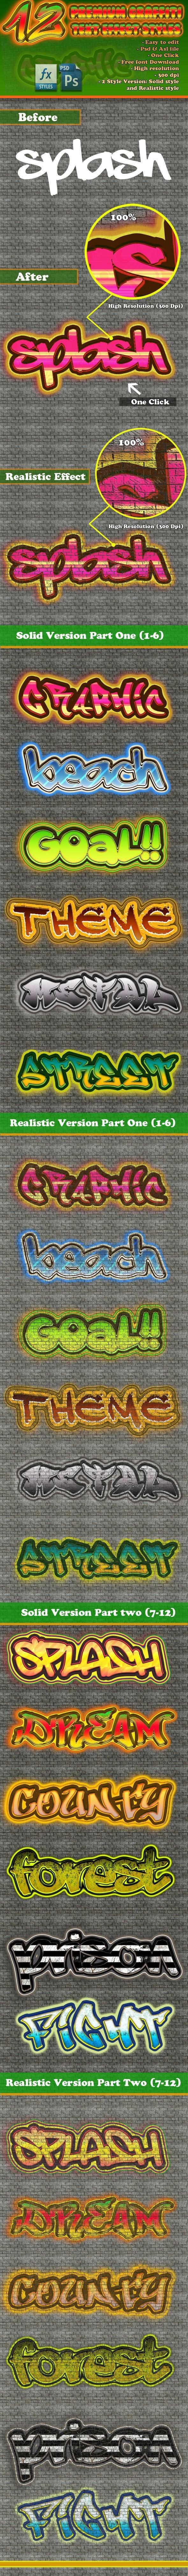 استایل متن گرافیتی Graphicriver : 12 Premium Graffiti Text Effect Style